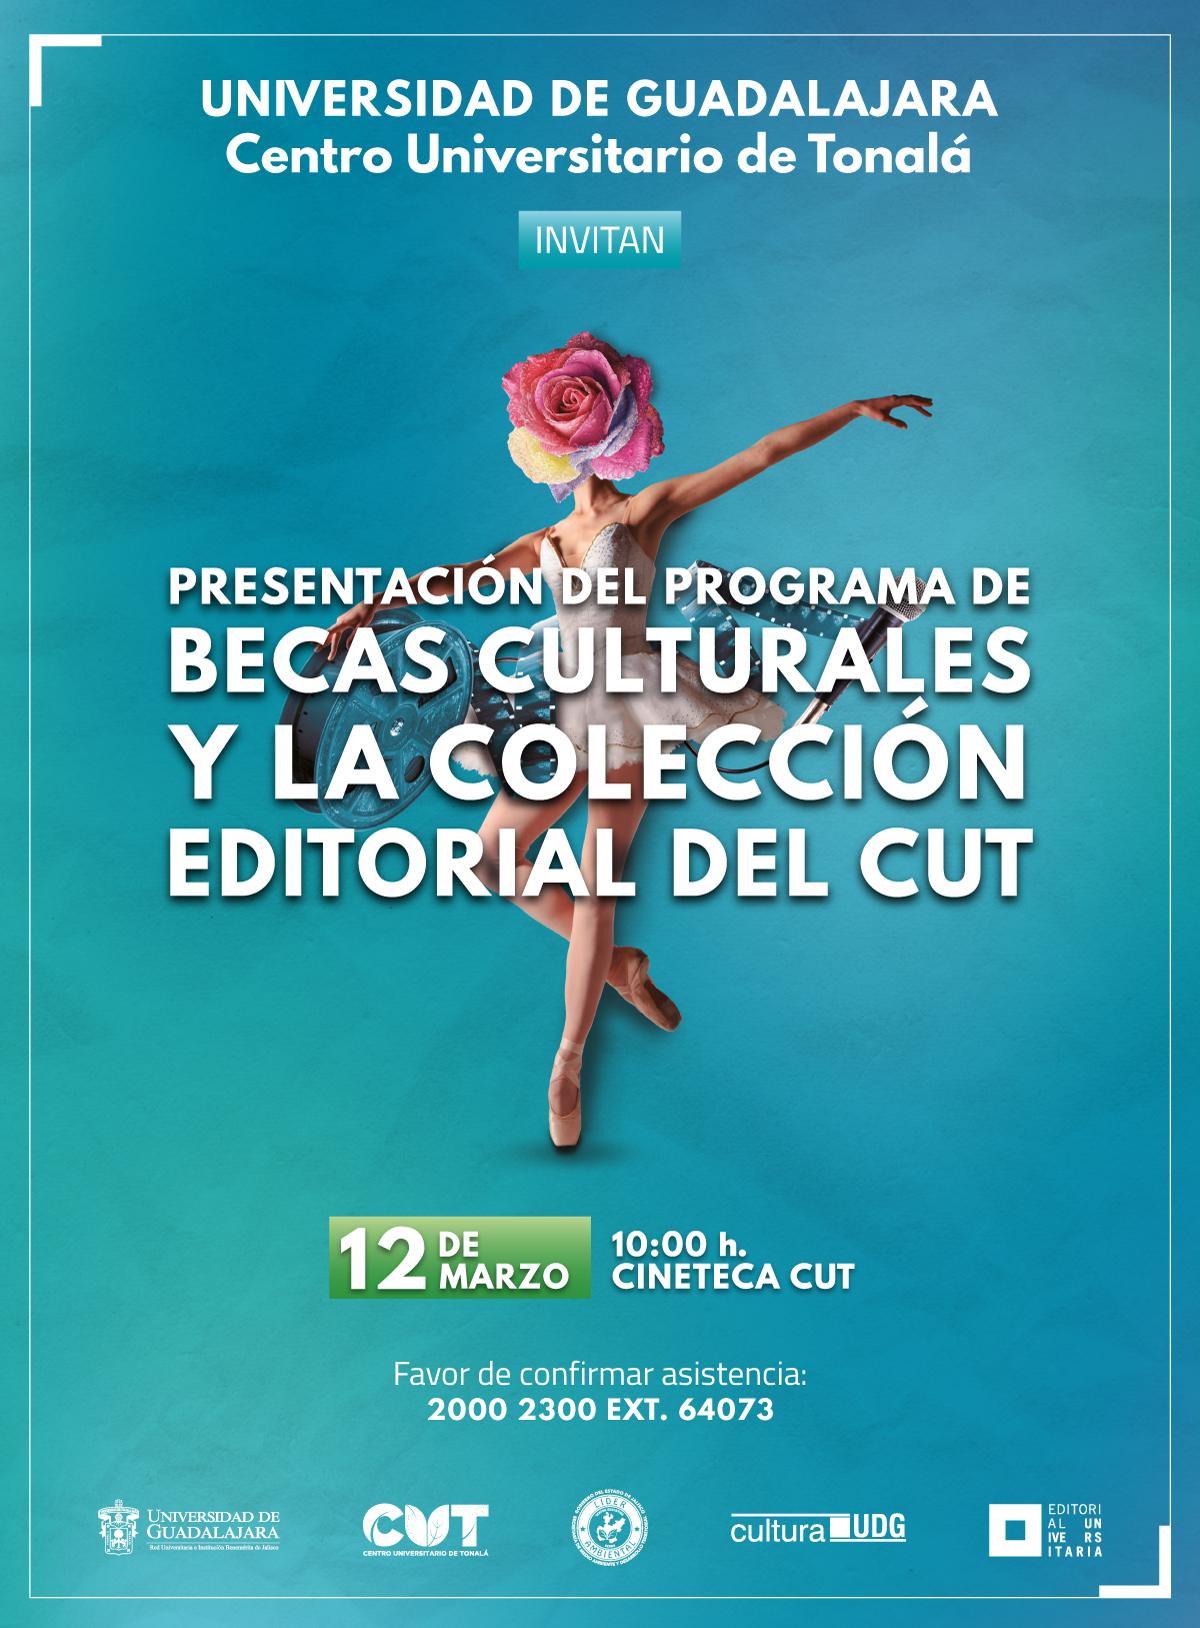 Texto informativo y de invitación a la Presentación del programa de becas culturales y la colección editorial del CUT. A realizarse el 12 de marzo, a las 10:00 horas, en la Cineteca CUT.